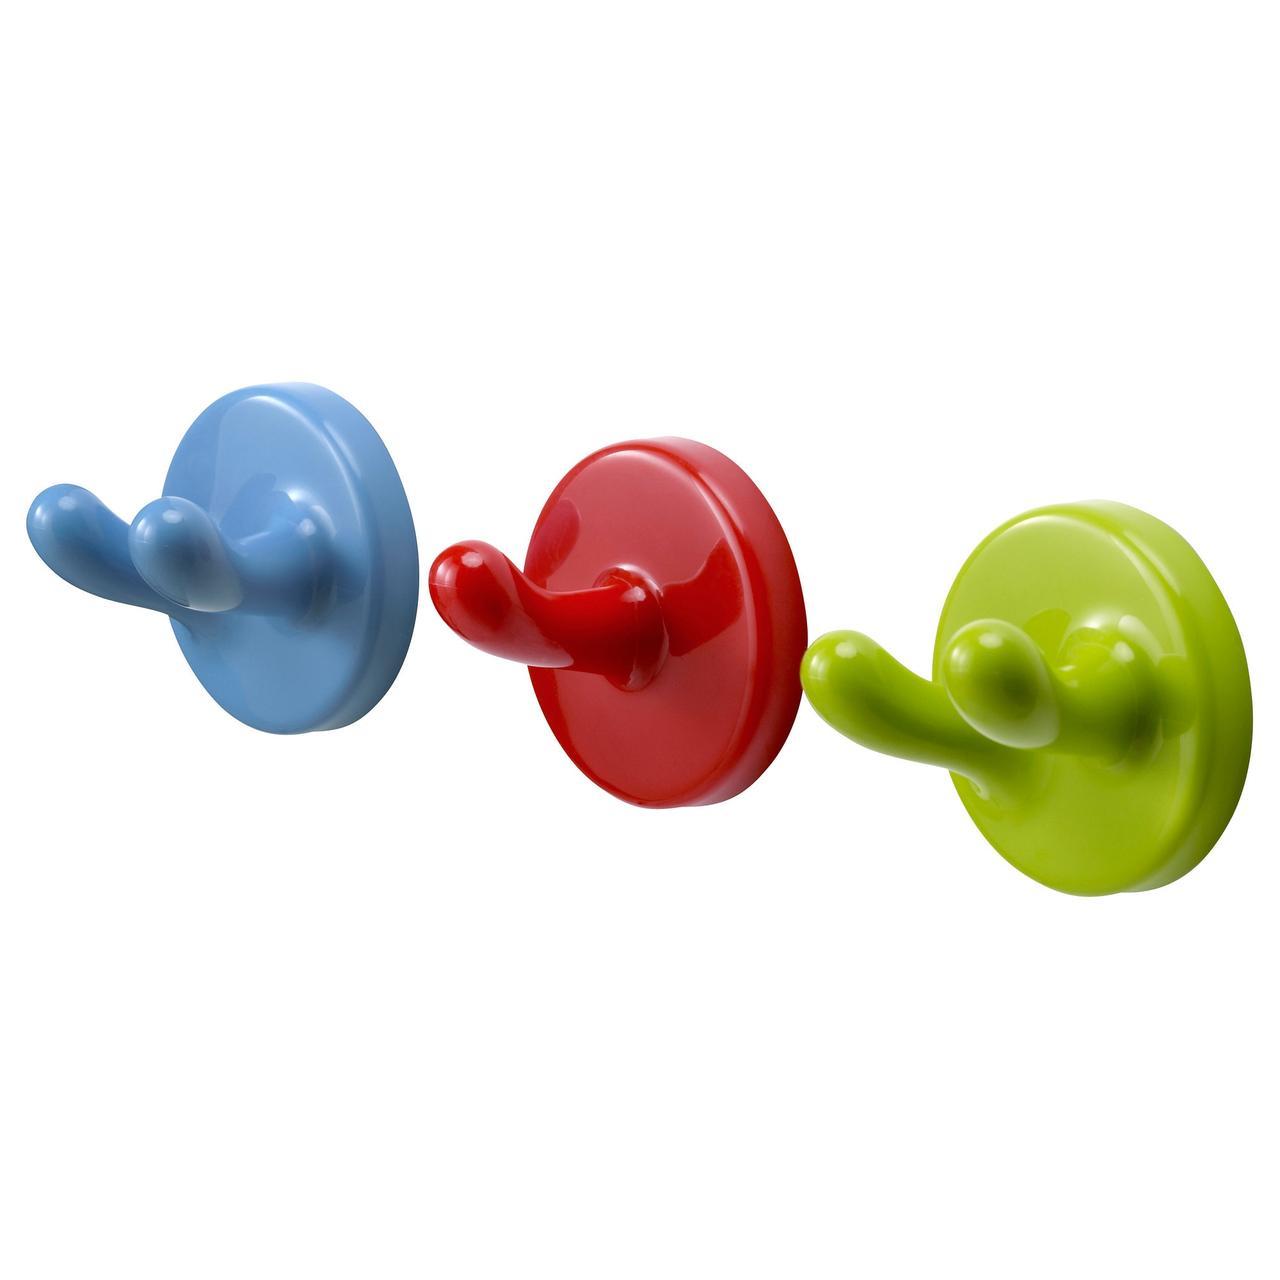 КРОКИГ Стенной крюк, разноцветный